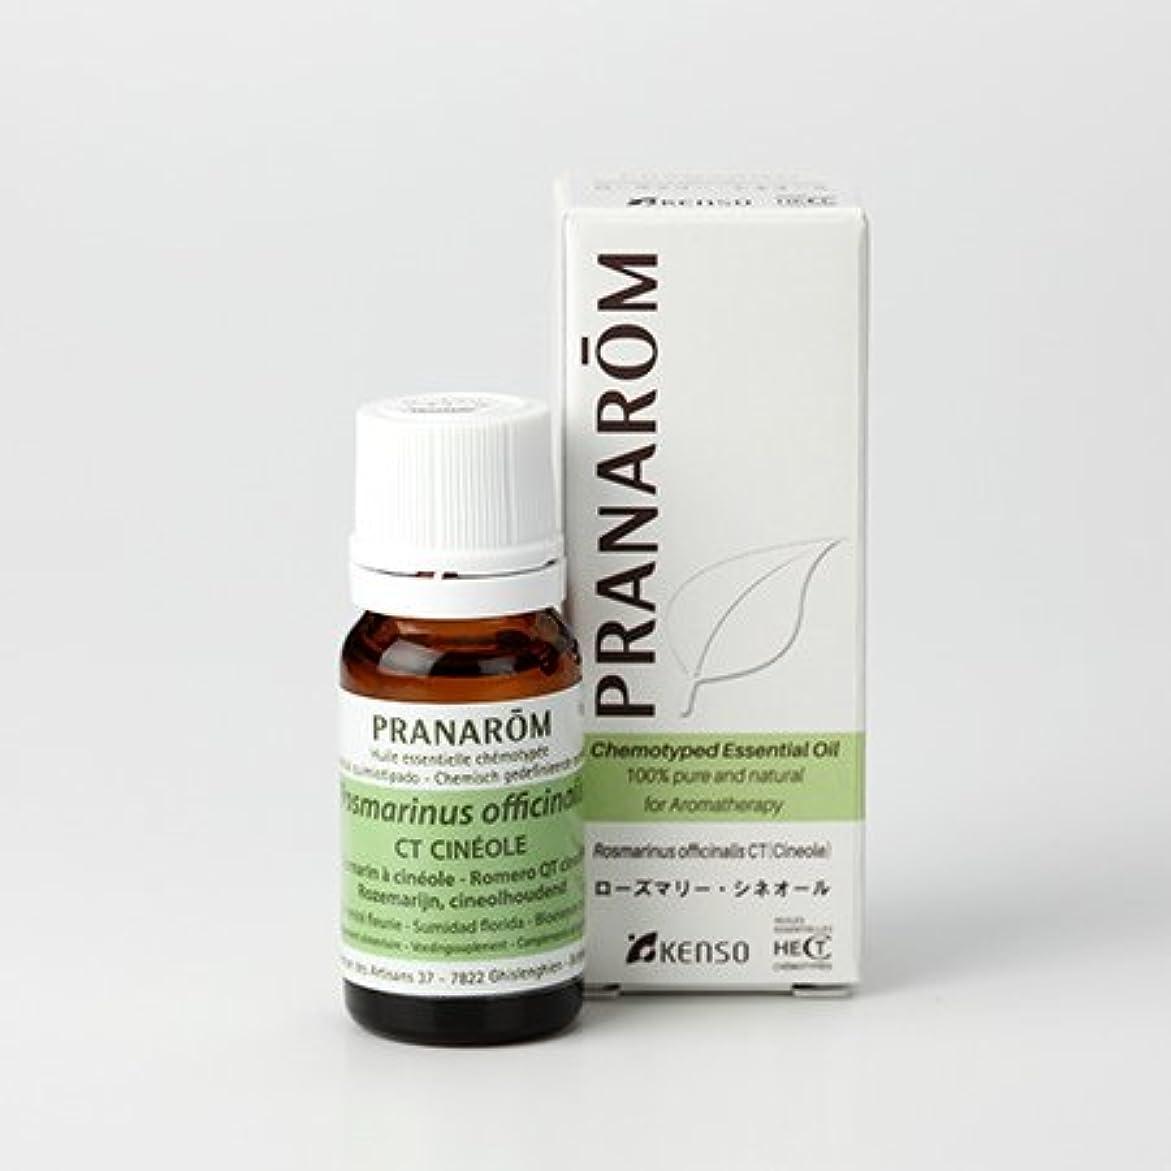 ラショナル活性化フロントプラナロム ローズマリーシネオール 10ml (PRANAROM ケモタイプ精油)